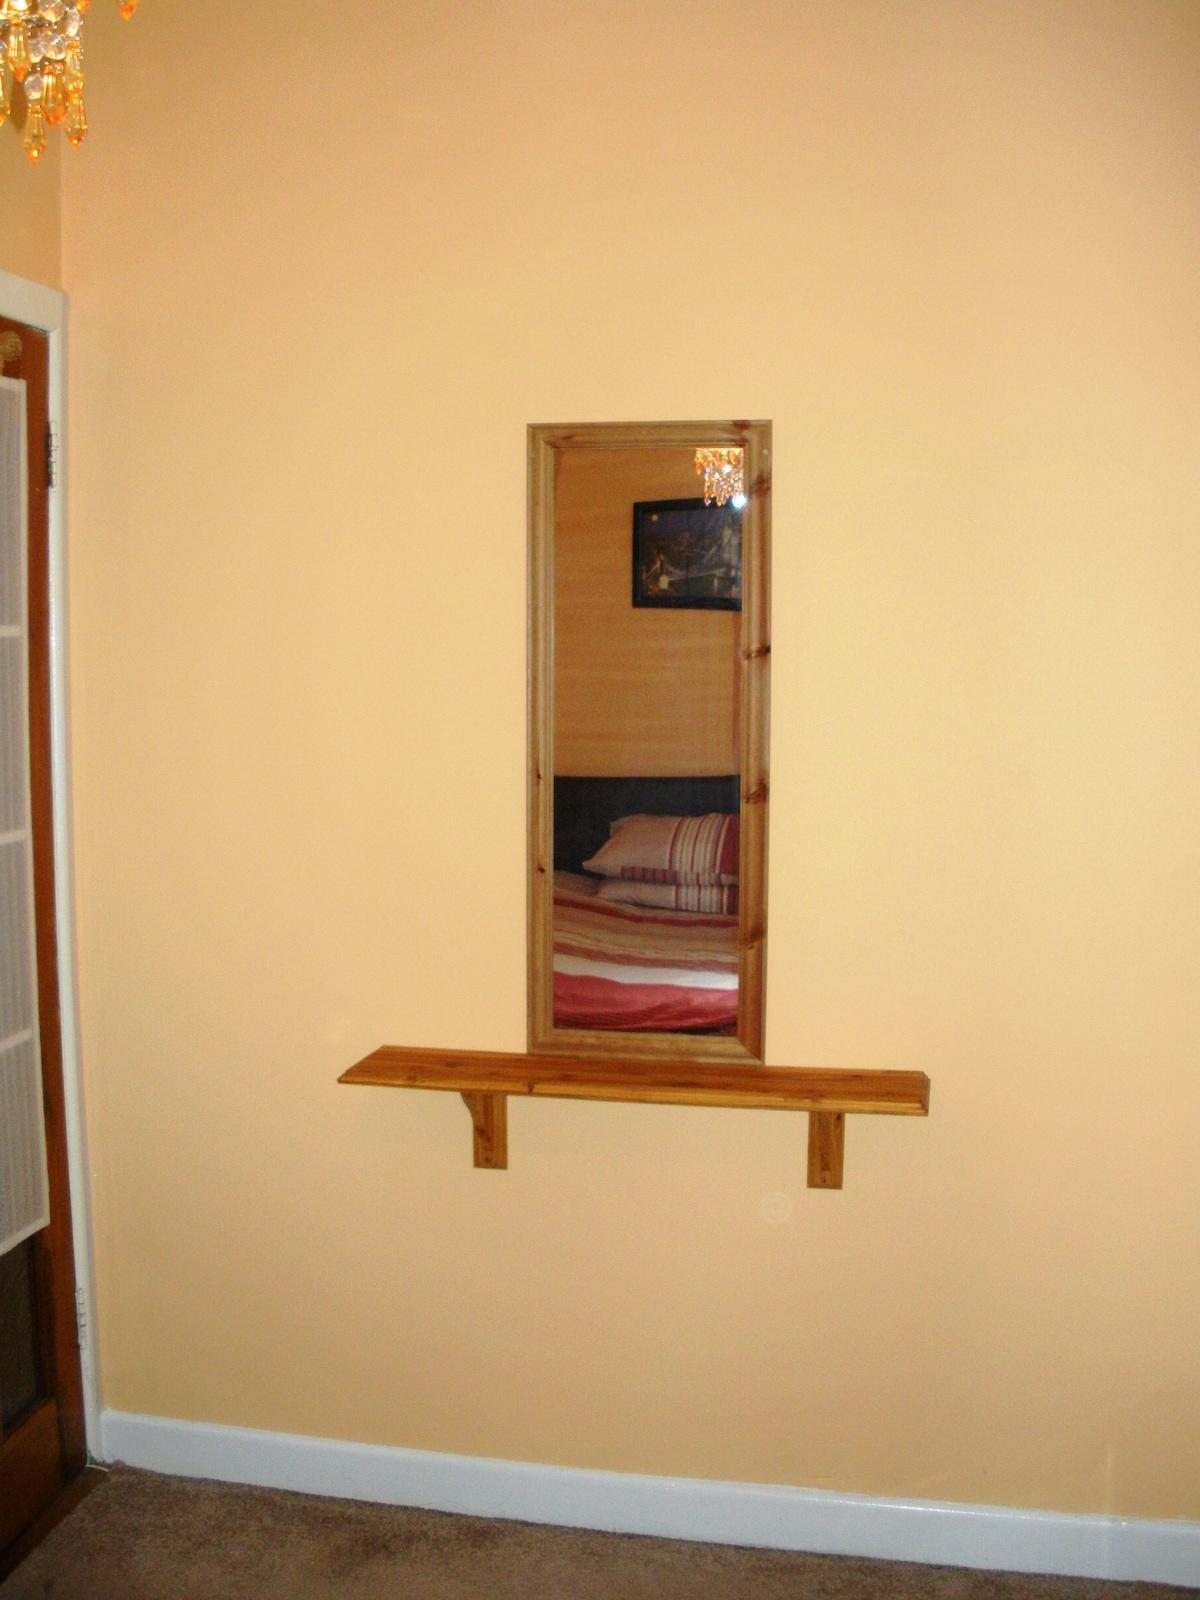 The private mirror